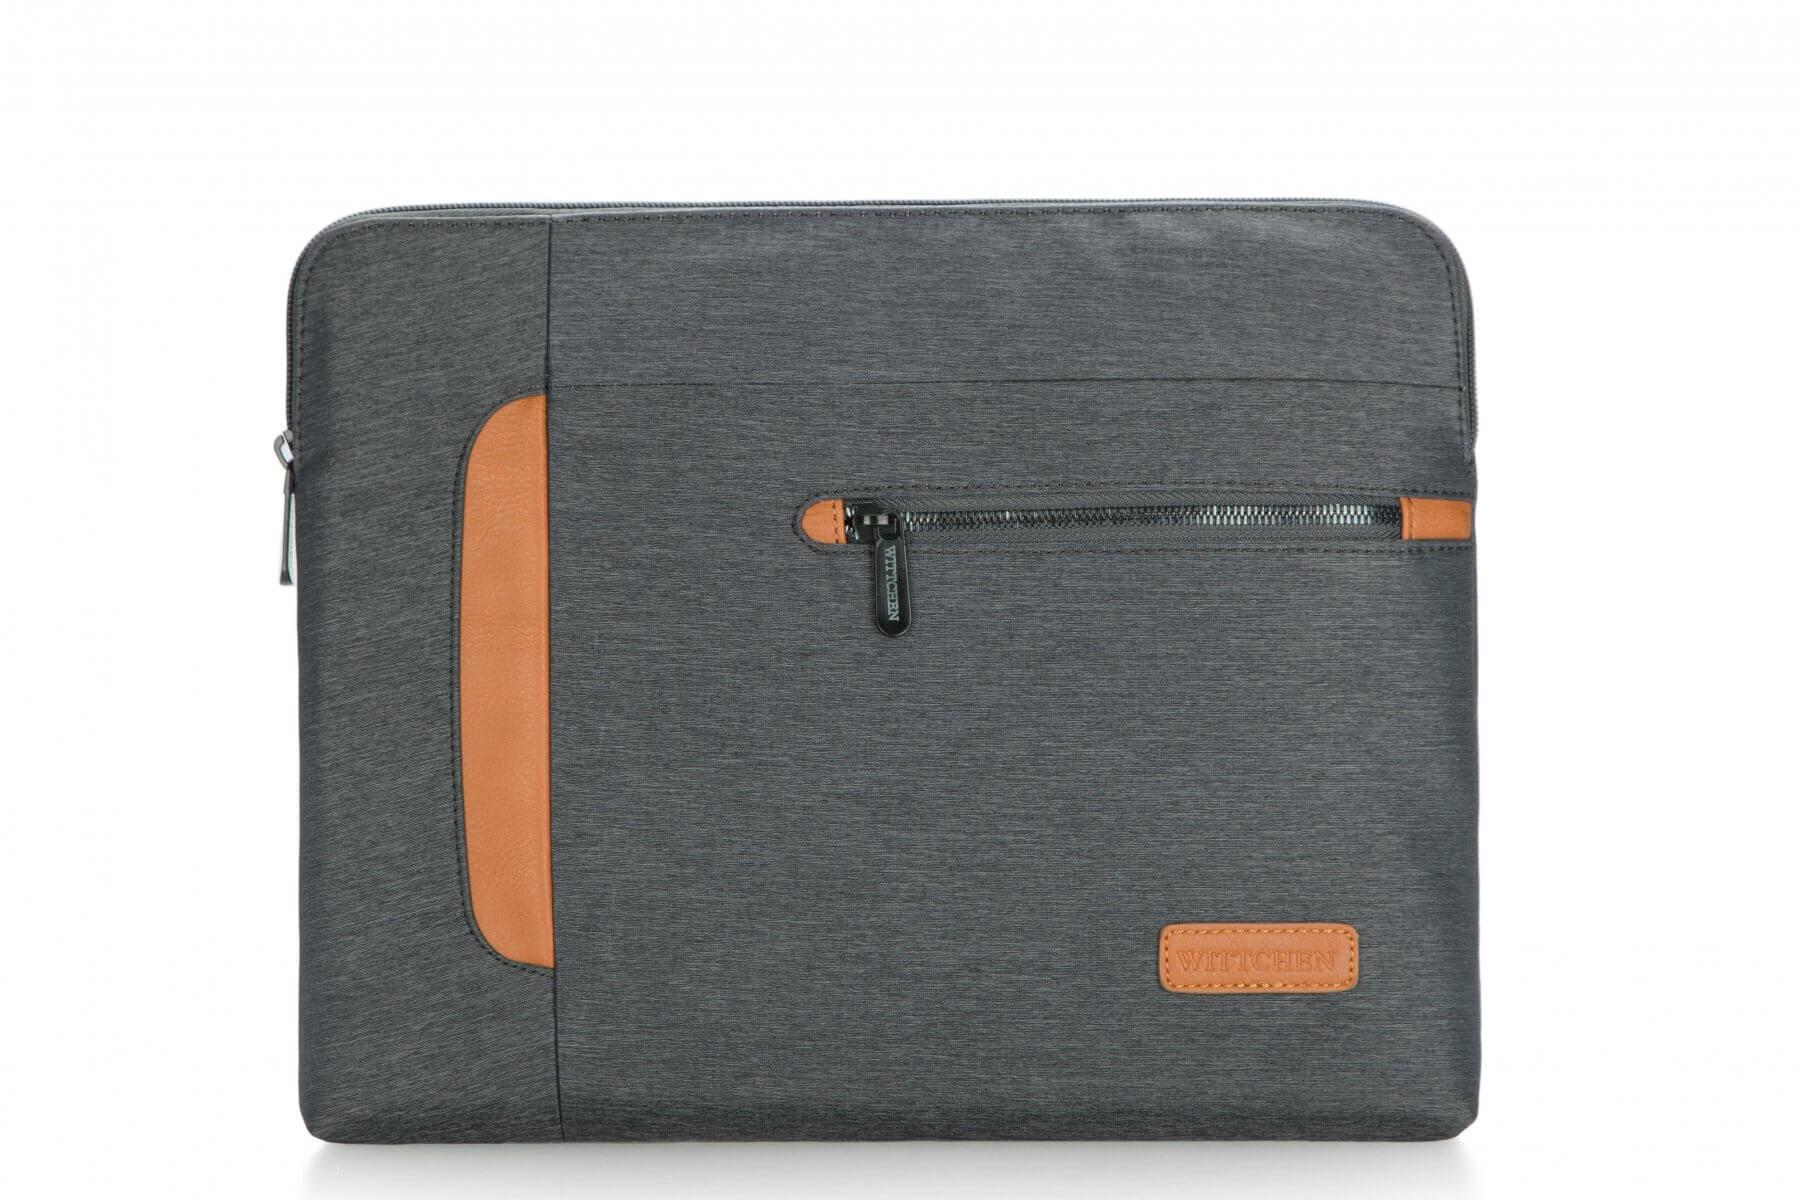 Pokrowiec na laptop Wittchen 87-3P-108-8D